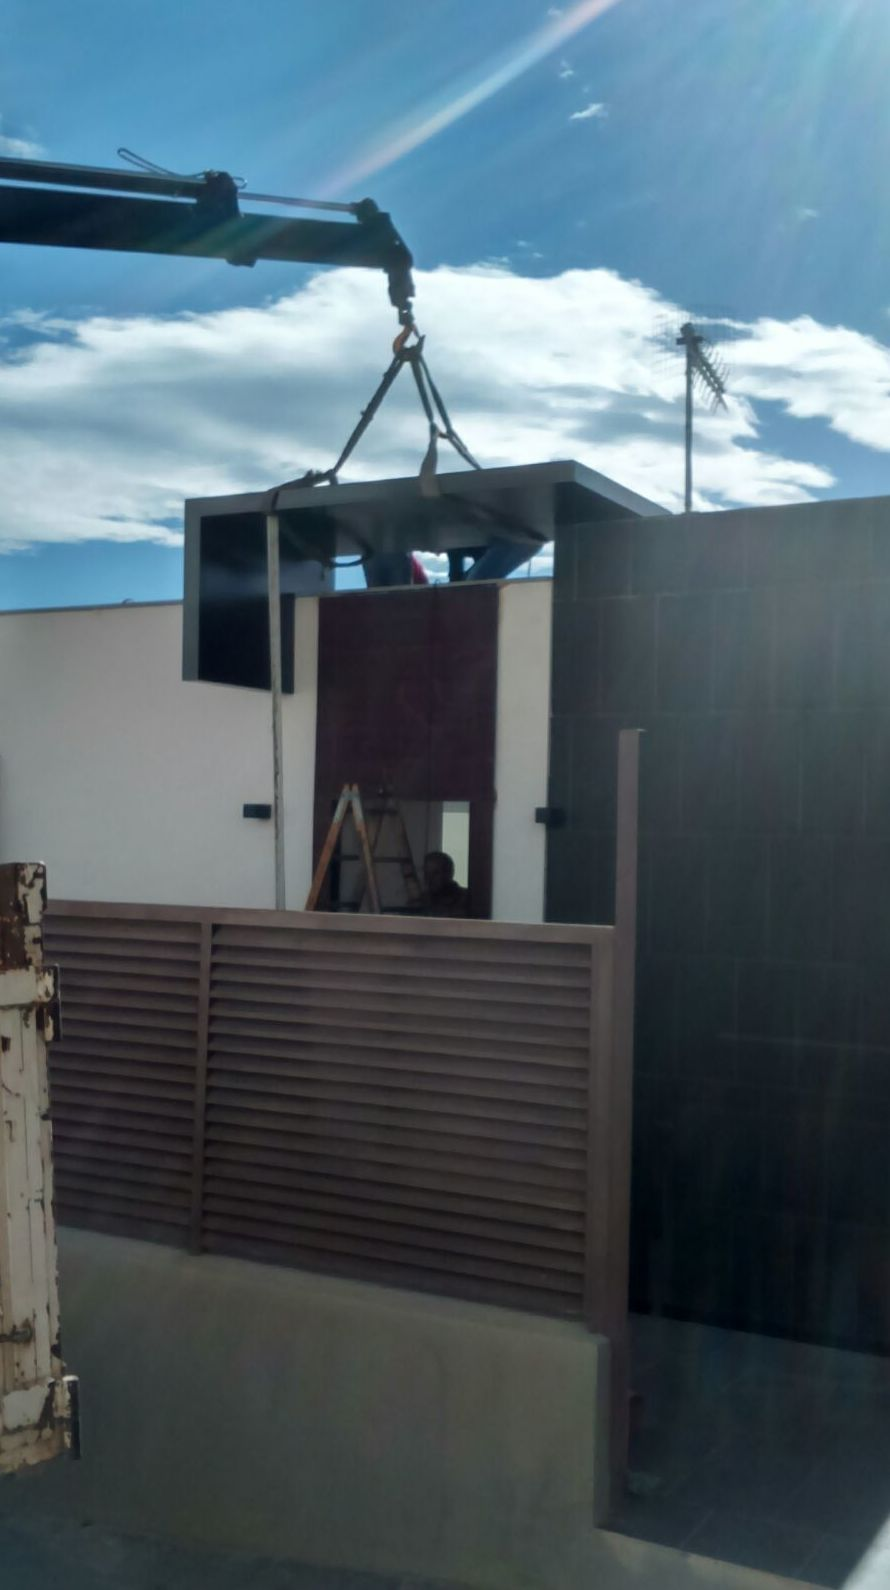 Foto 165 de Carpintería de aluminio, metálica y PVC en  | Exposición, Carpintería de aluminio- toldos-cerrajeria - reformas del hogar.